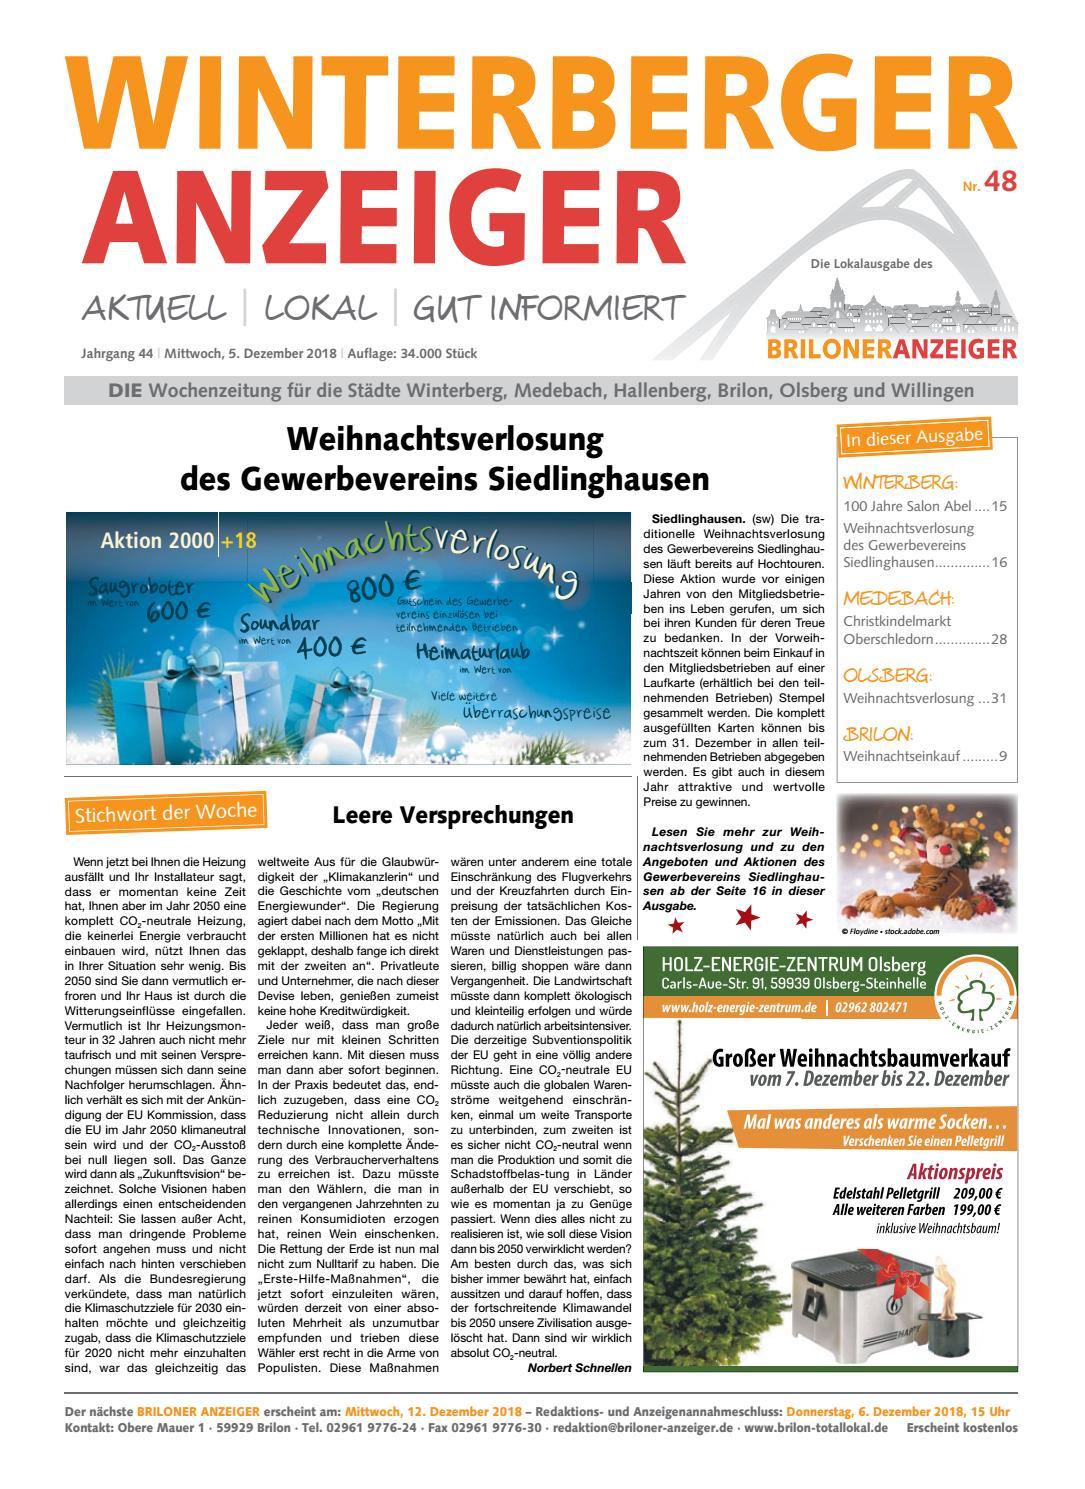 Winterberger Anzeiger Ausgabe vom 05.12.2018 Nr.48 by Brilon ...